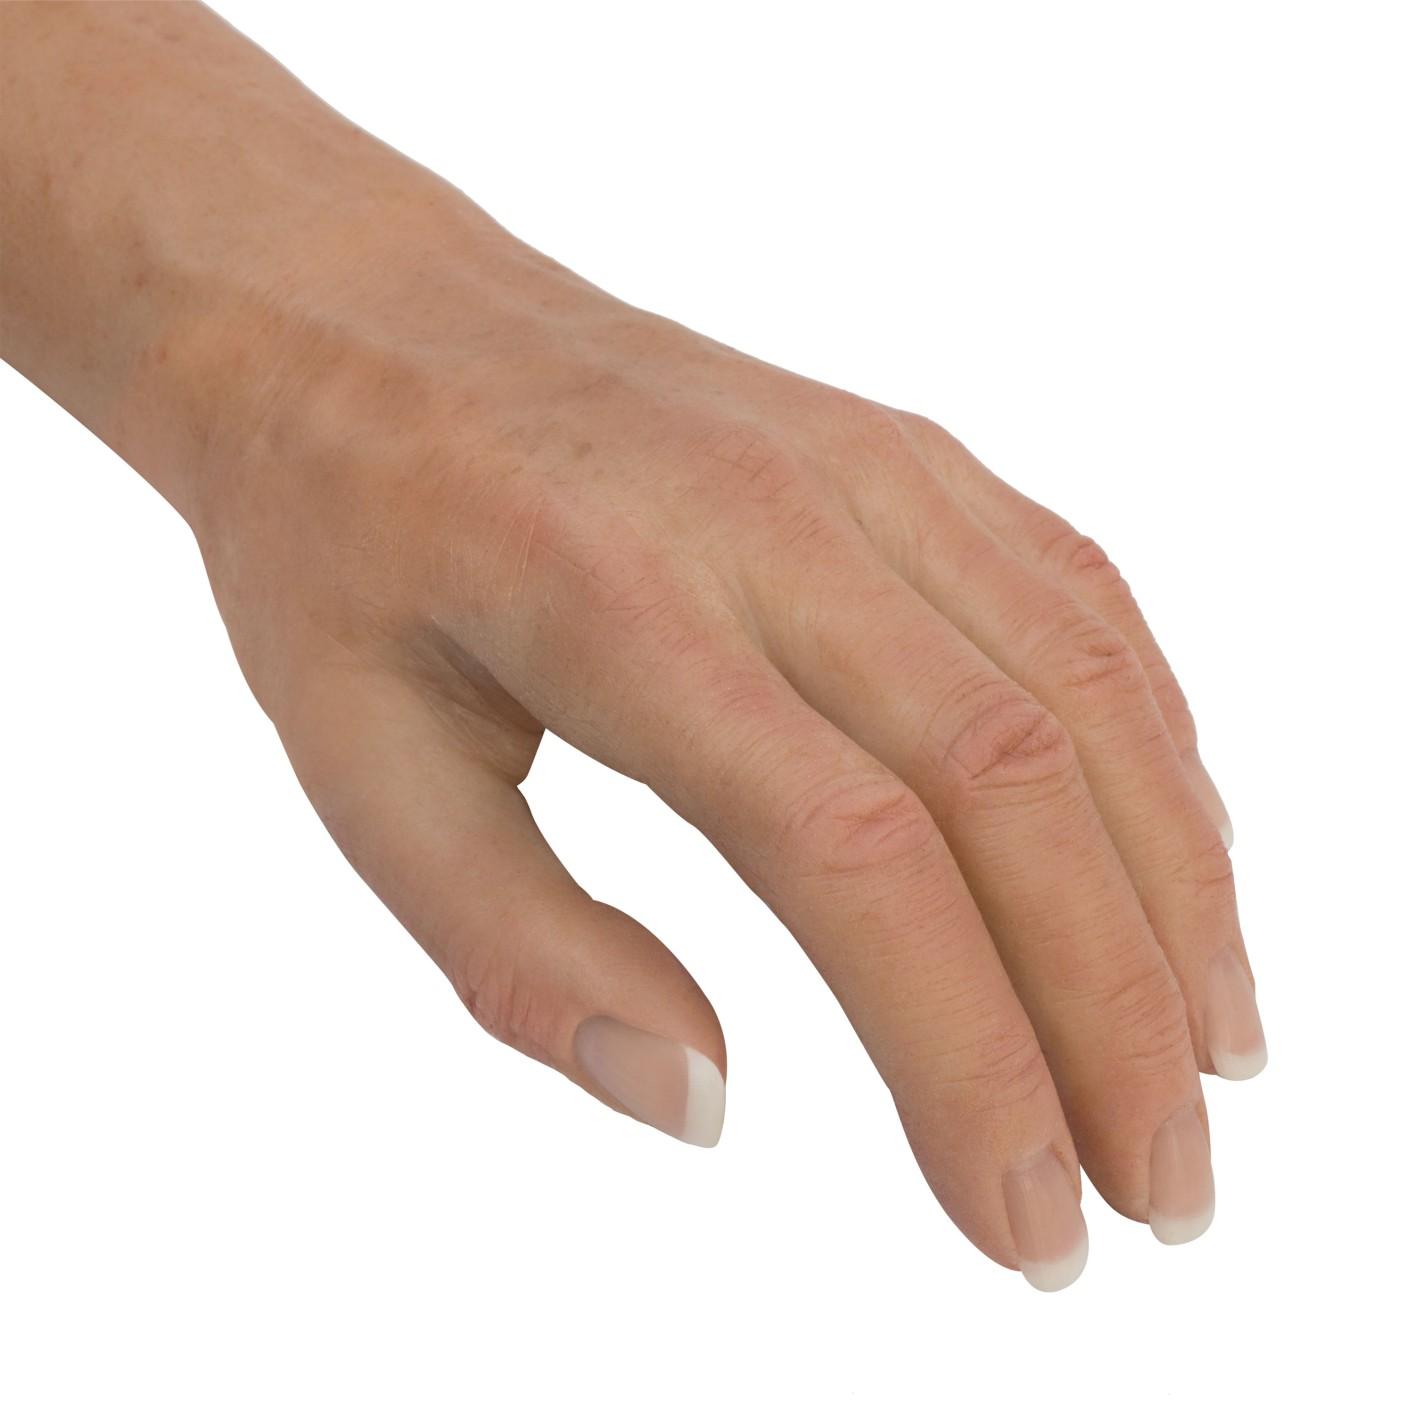 Manos y manchas remedios caseros para quitar las manchas - Como quitar manchas de lejia ...